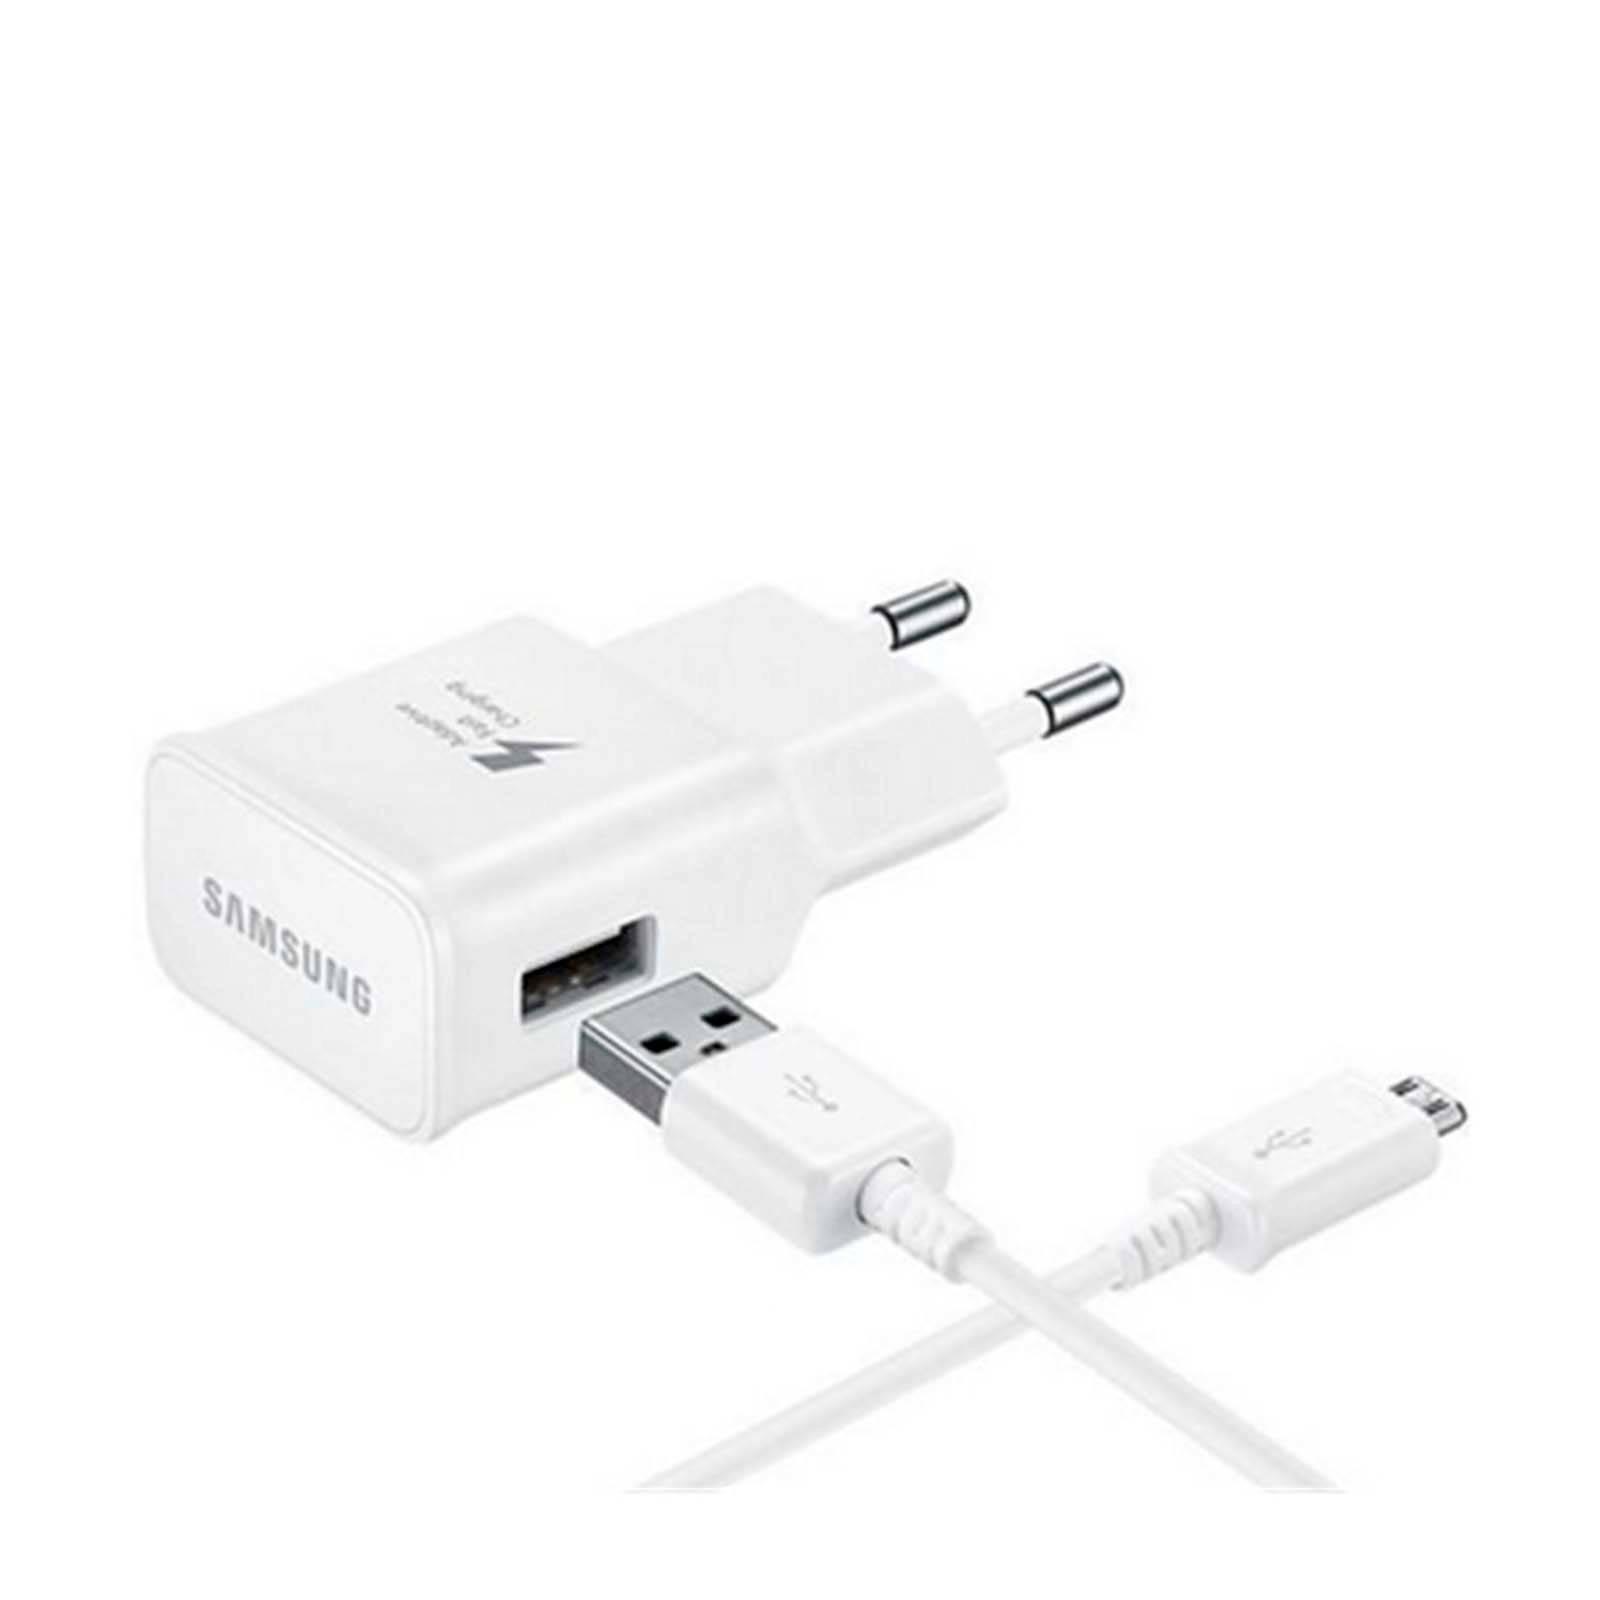 Samsung oplader (fast-charging) + USB-C kabel